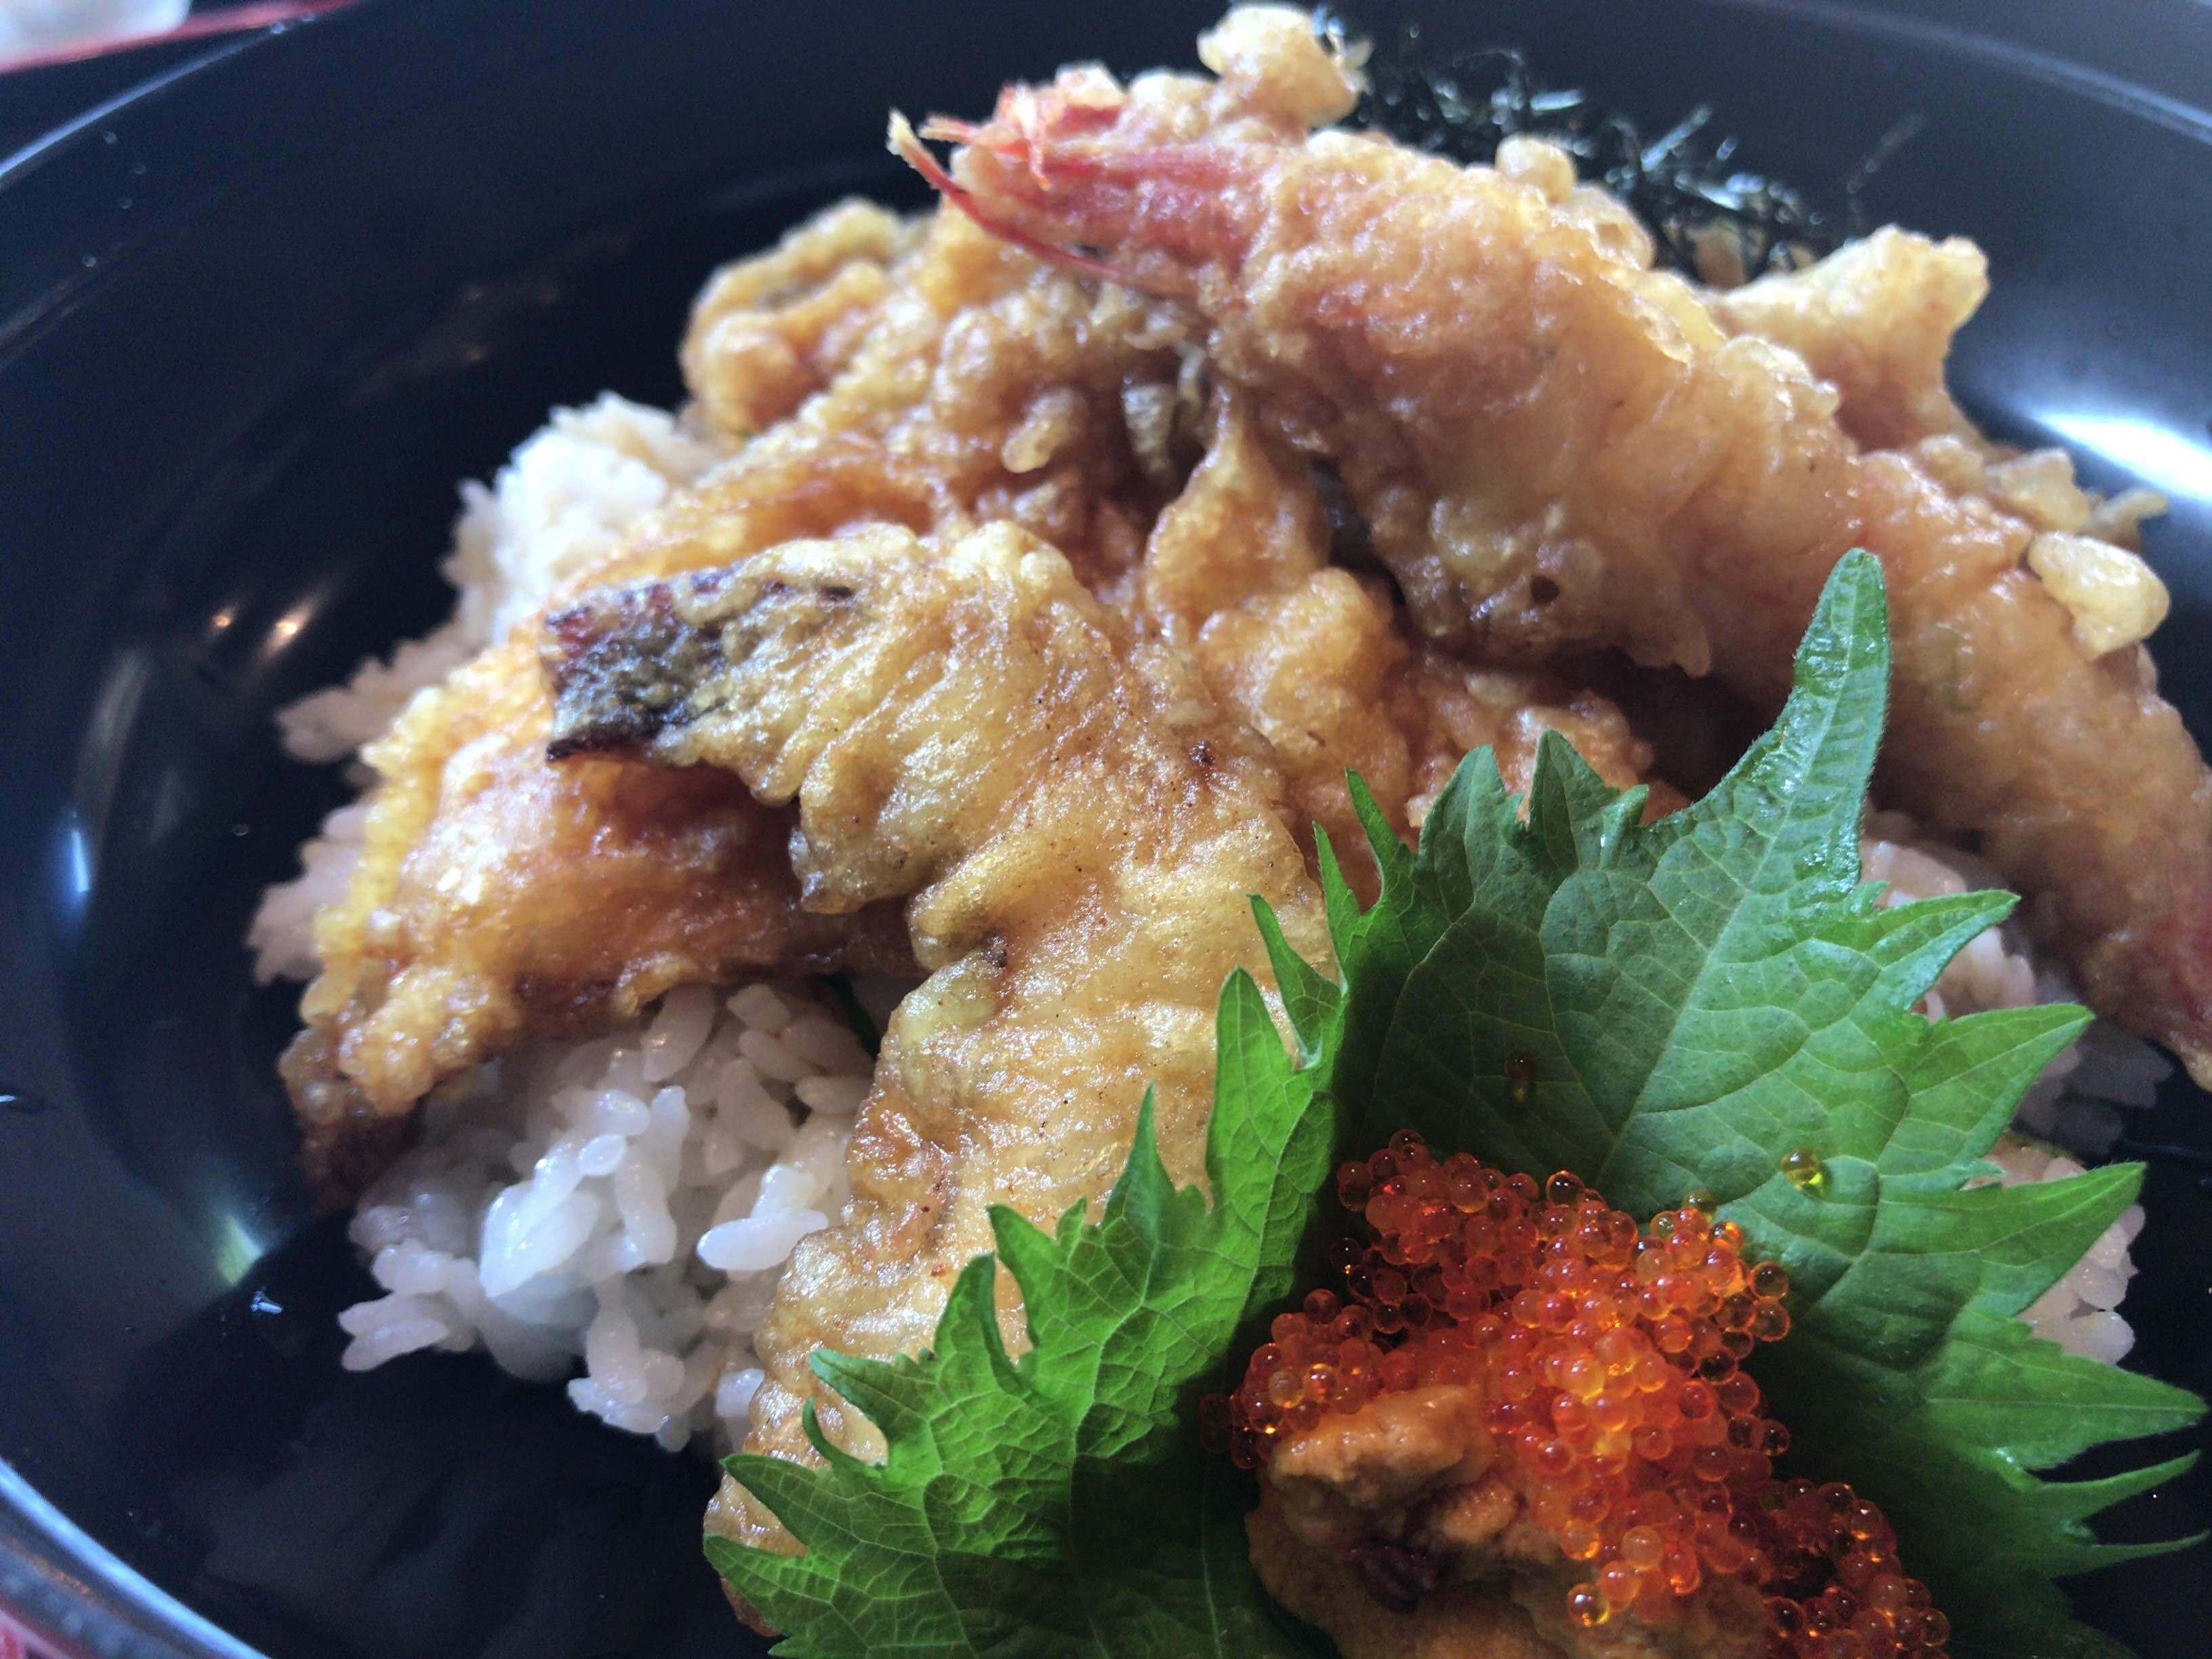 【海石榴 (つばき)】いけすがある店内で天草の超新鮮な海鮮が楽しめるお店。